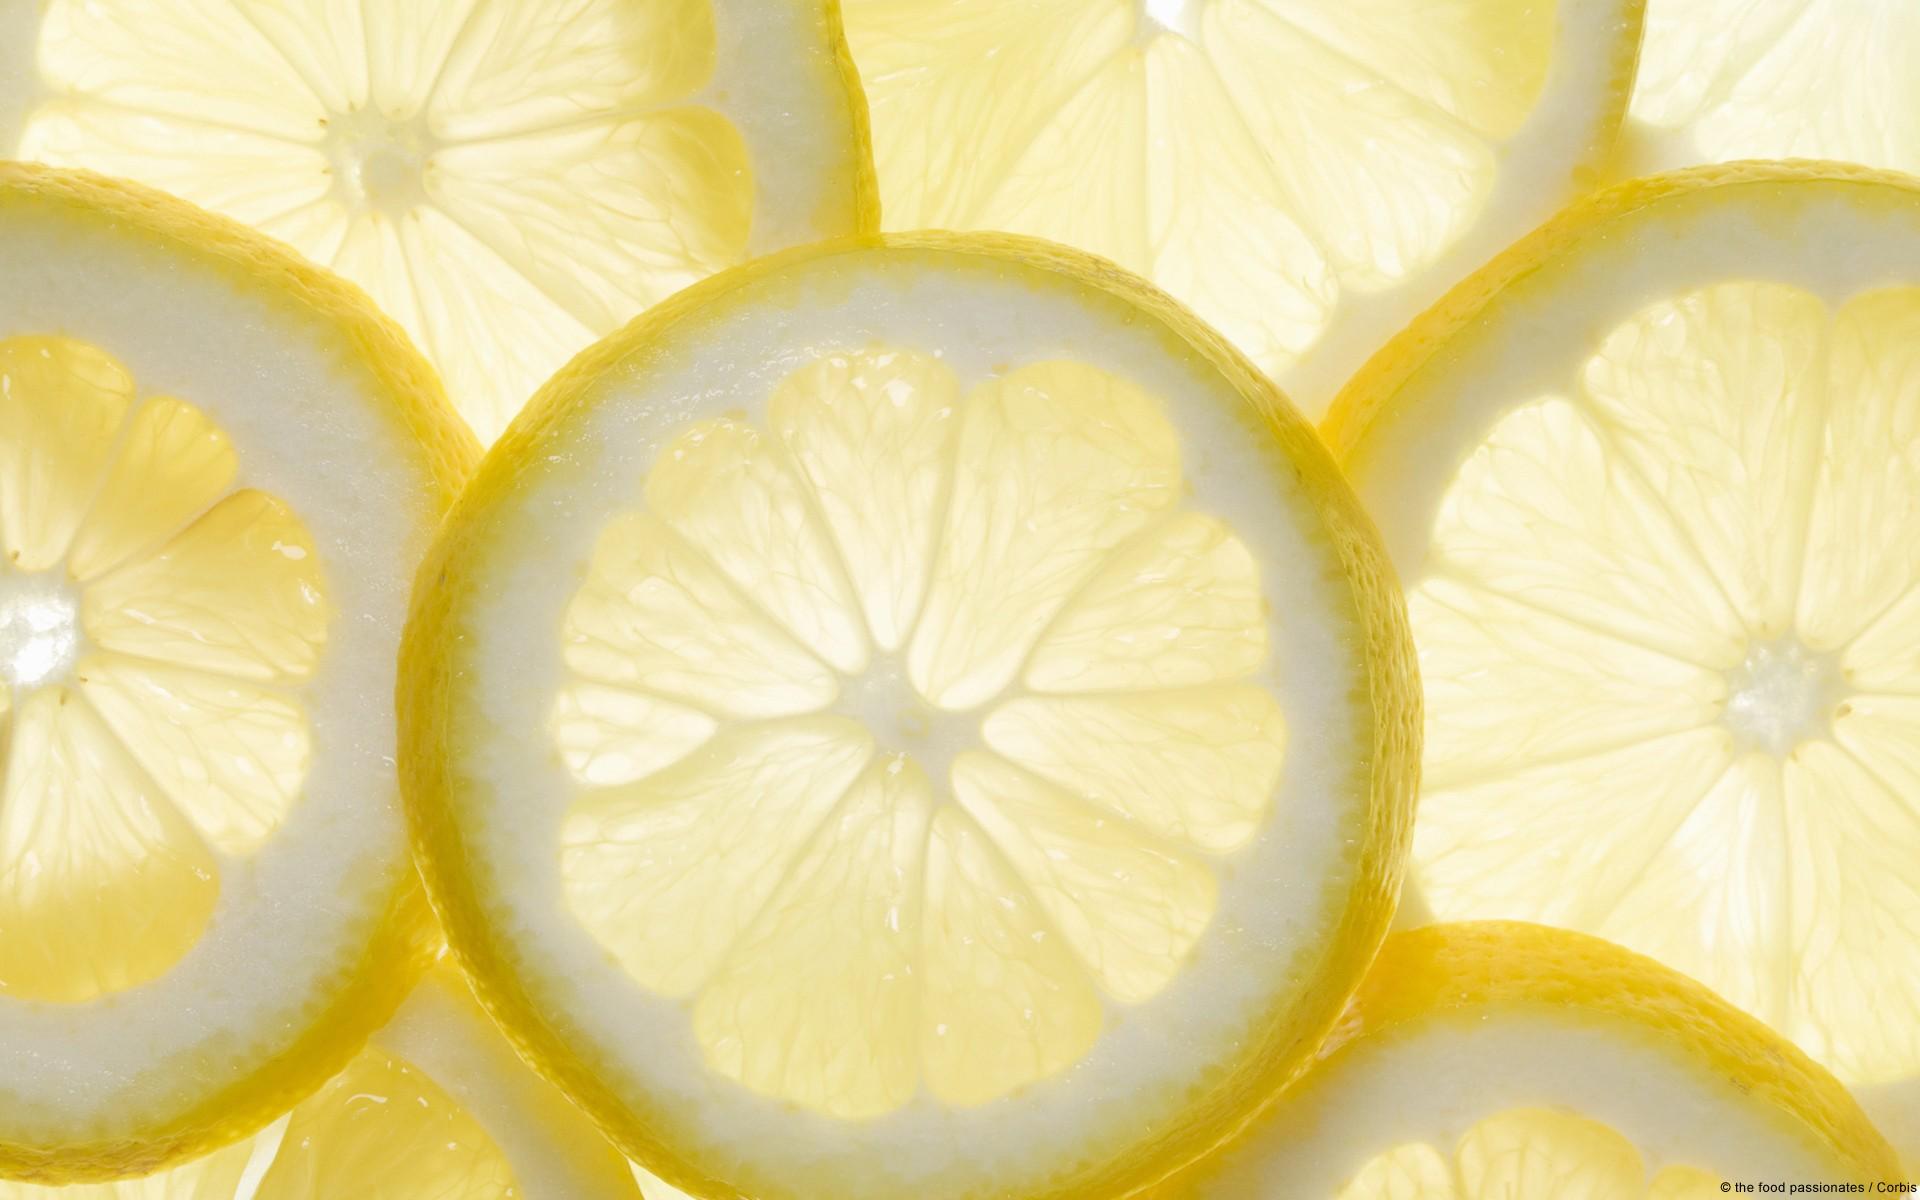 Several lemon slices, backlit